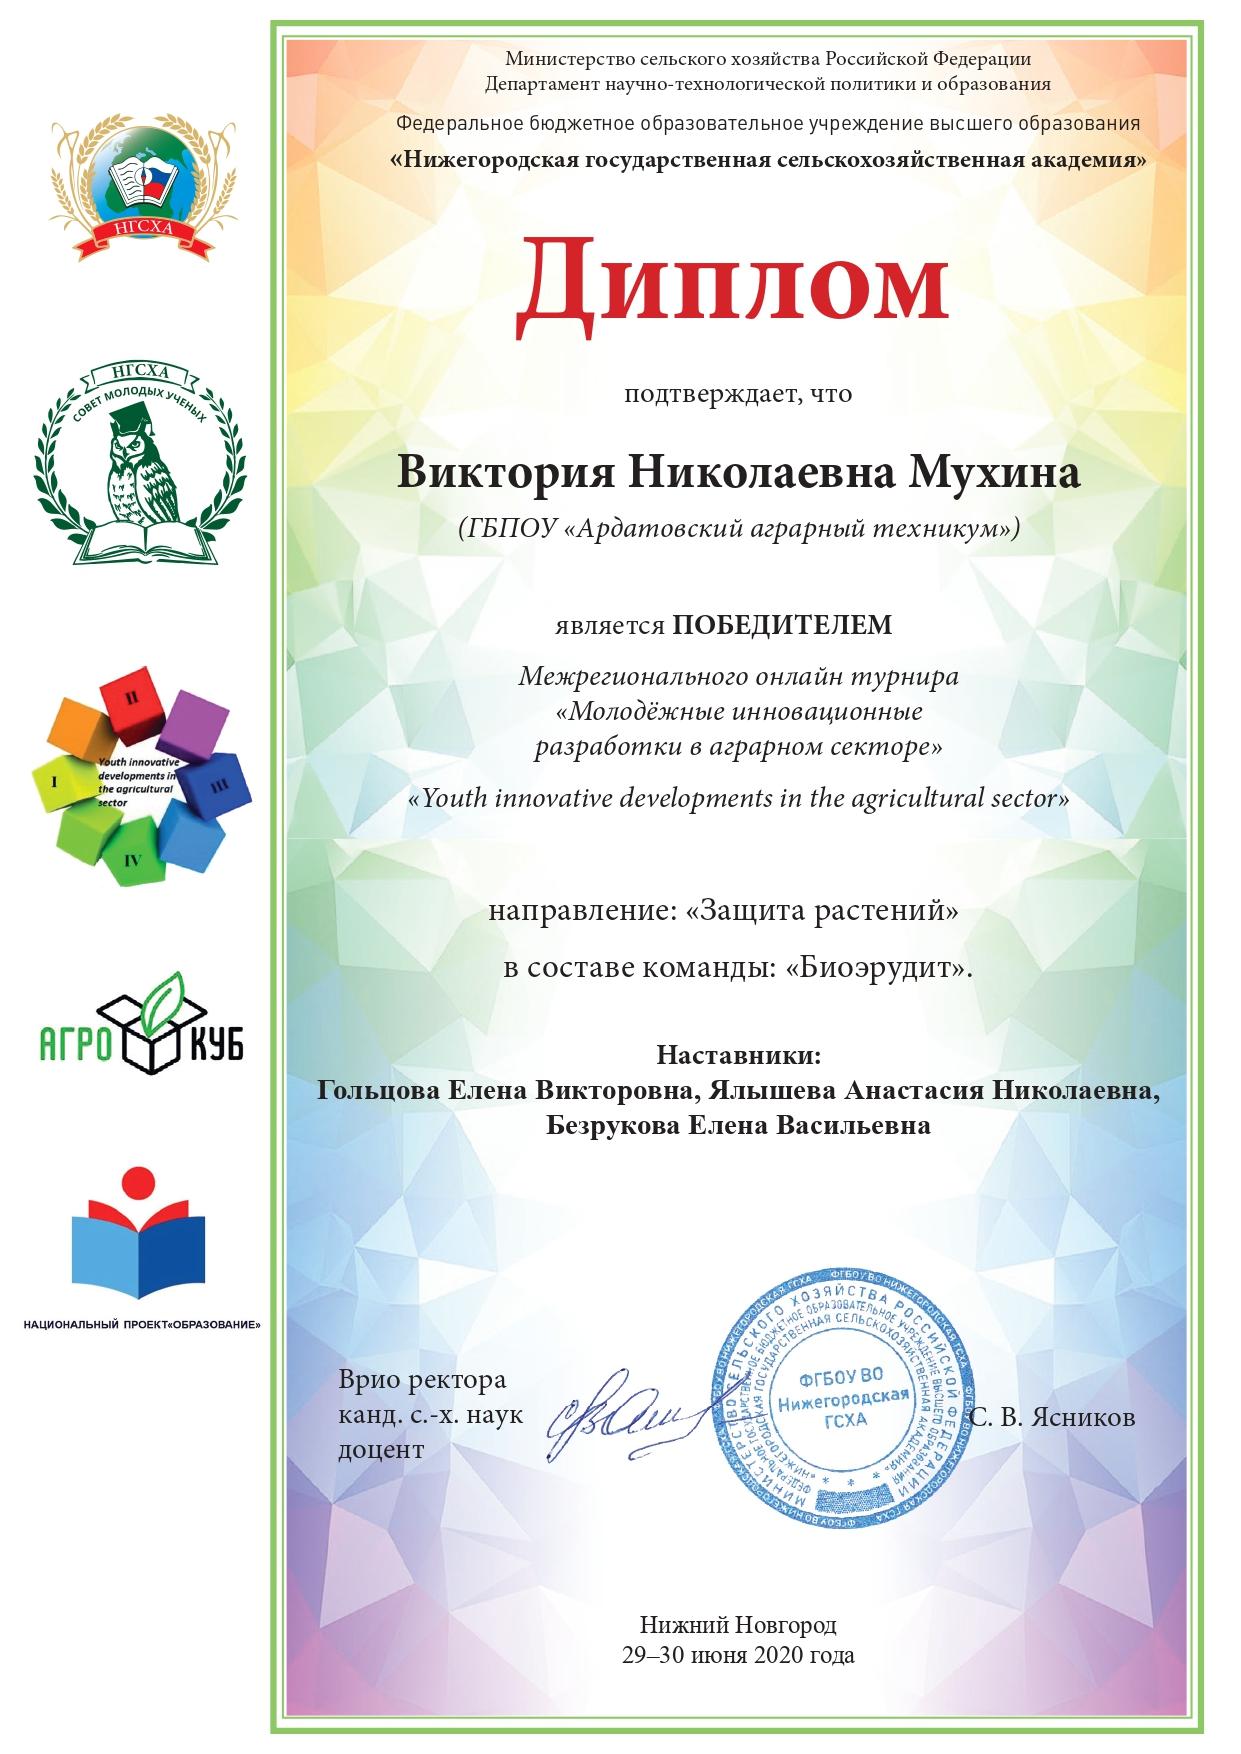 Победа в Межрегиональном онлайн турнире «Молодёжные инновационные разработки в аграрном секторе»